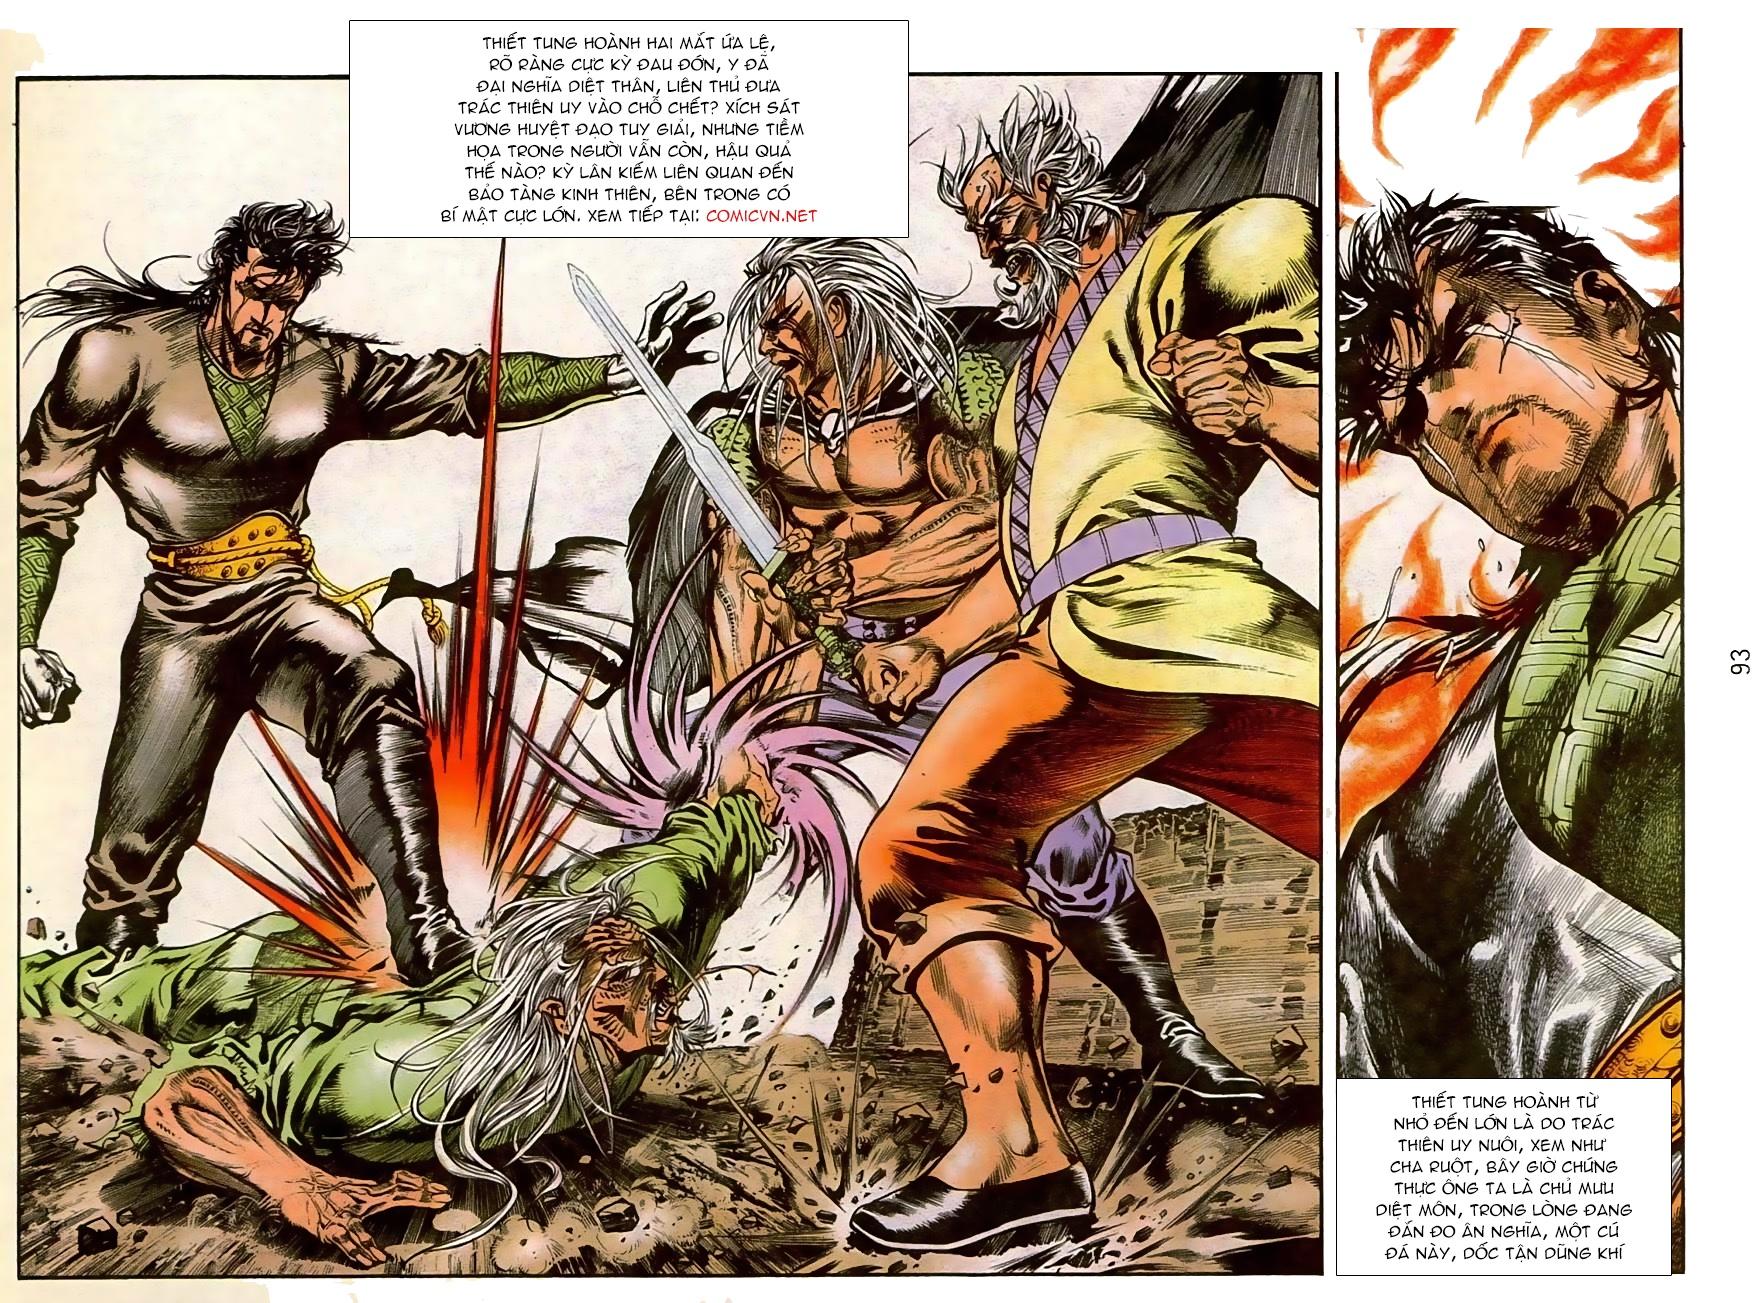 Thiết Tướng Tung Hoành chap 270 - Trang 18